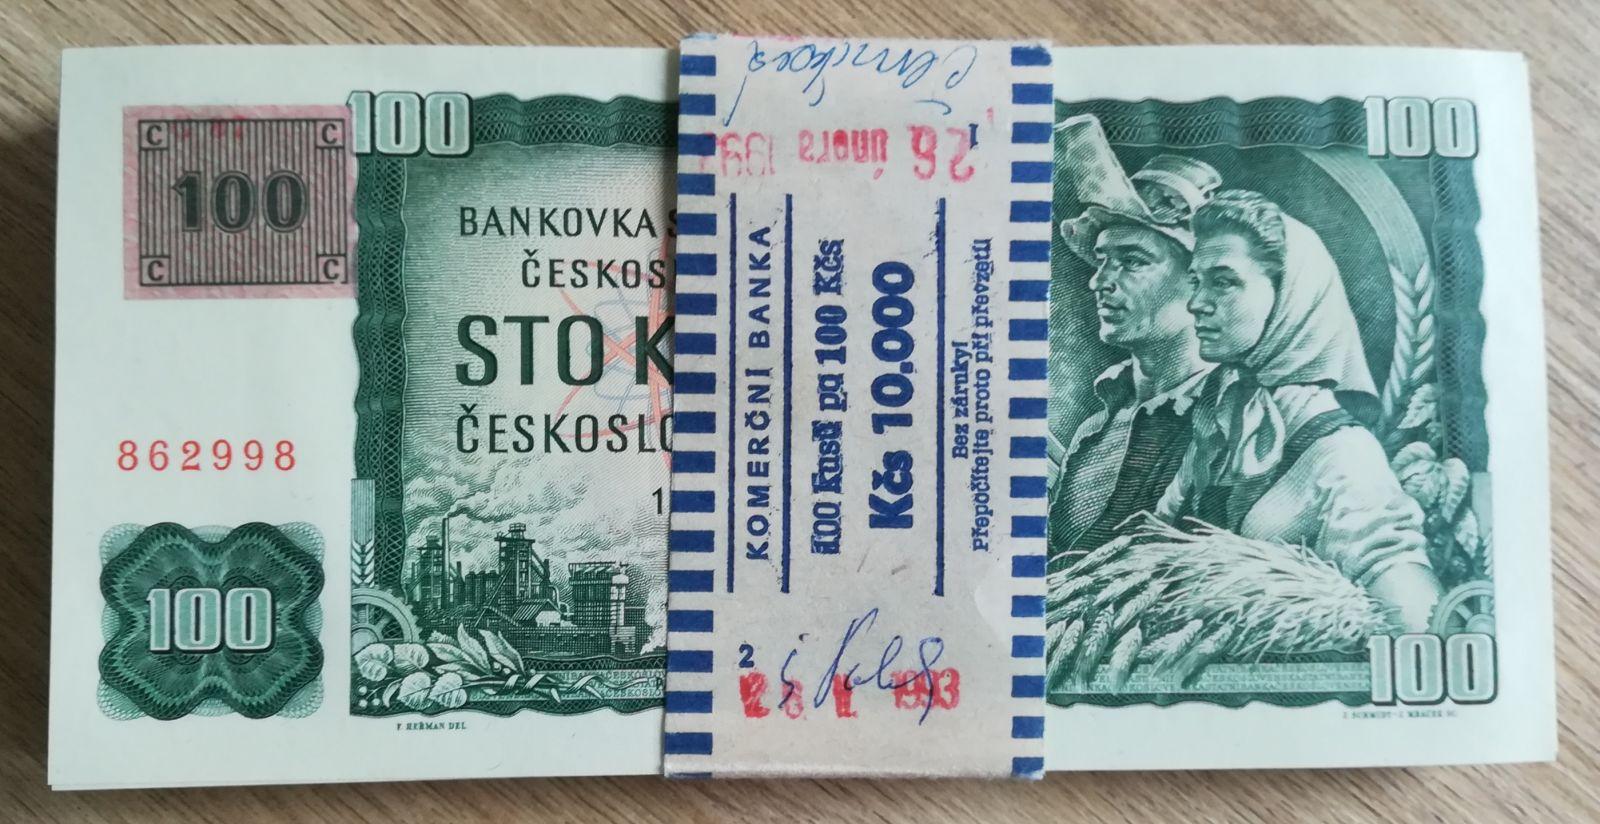 100Kč/1961-93, kolek ČR/, stav 0/UNC, série G, originální balíček Komerční banky, 100 ks!